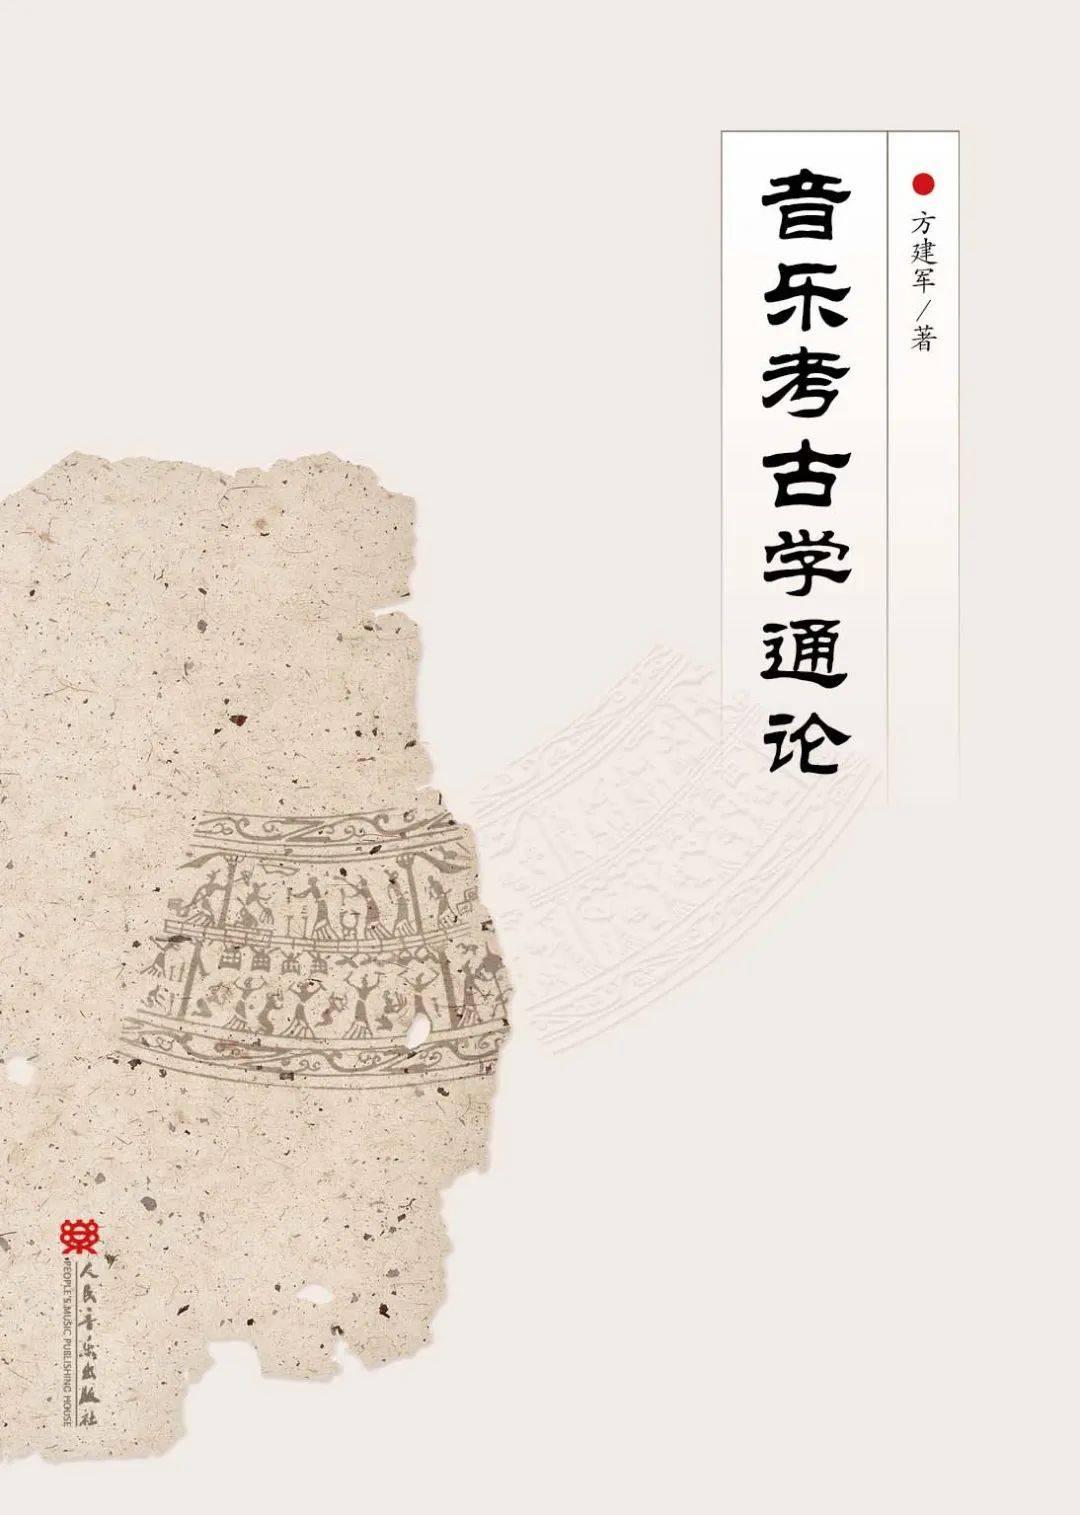 考古学与经济民生关系